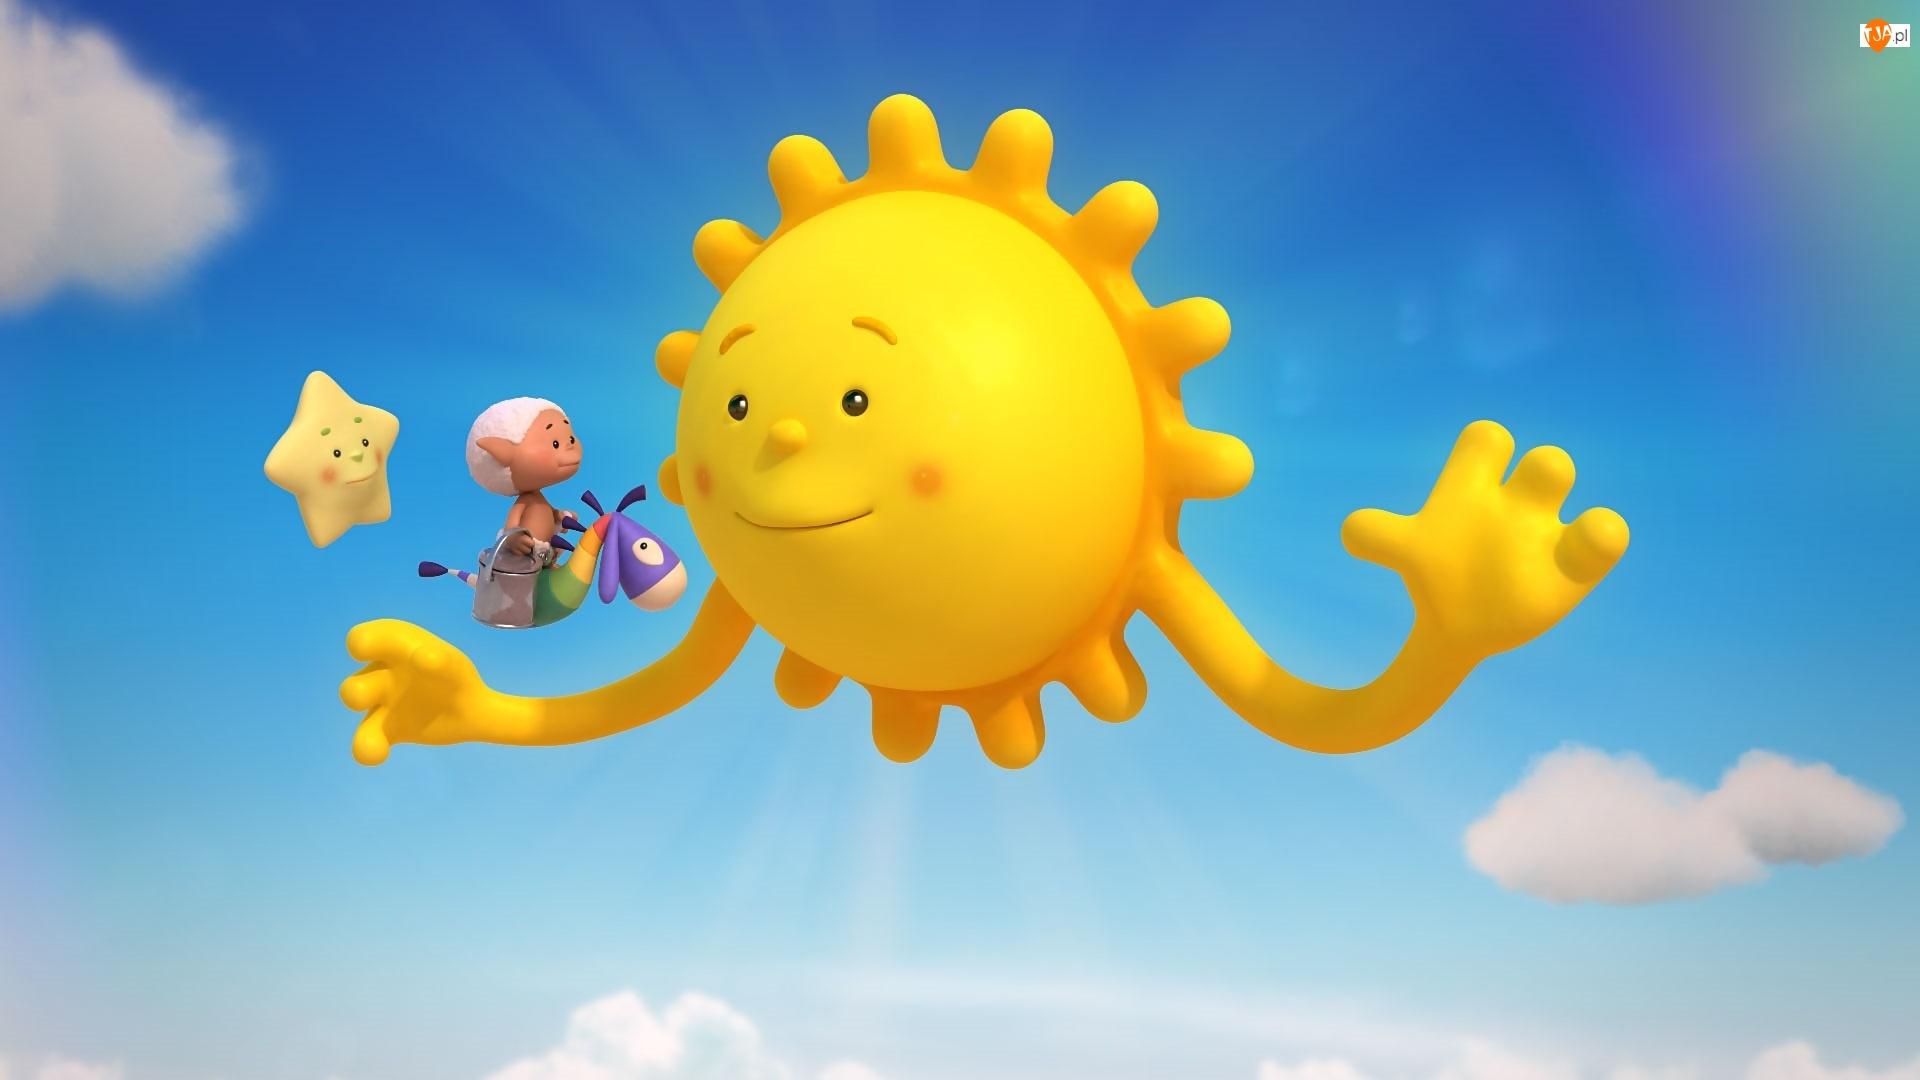 Gwiazdka, Bajka, Chmurkowe opowieści, Serial, Słońce